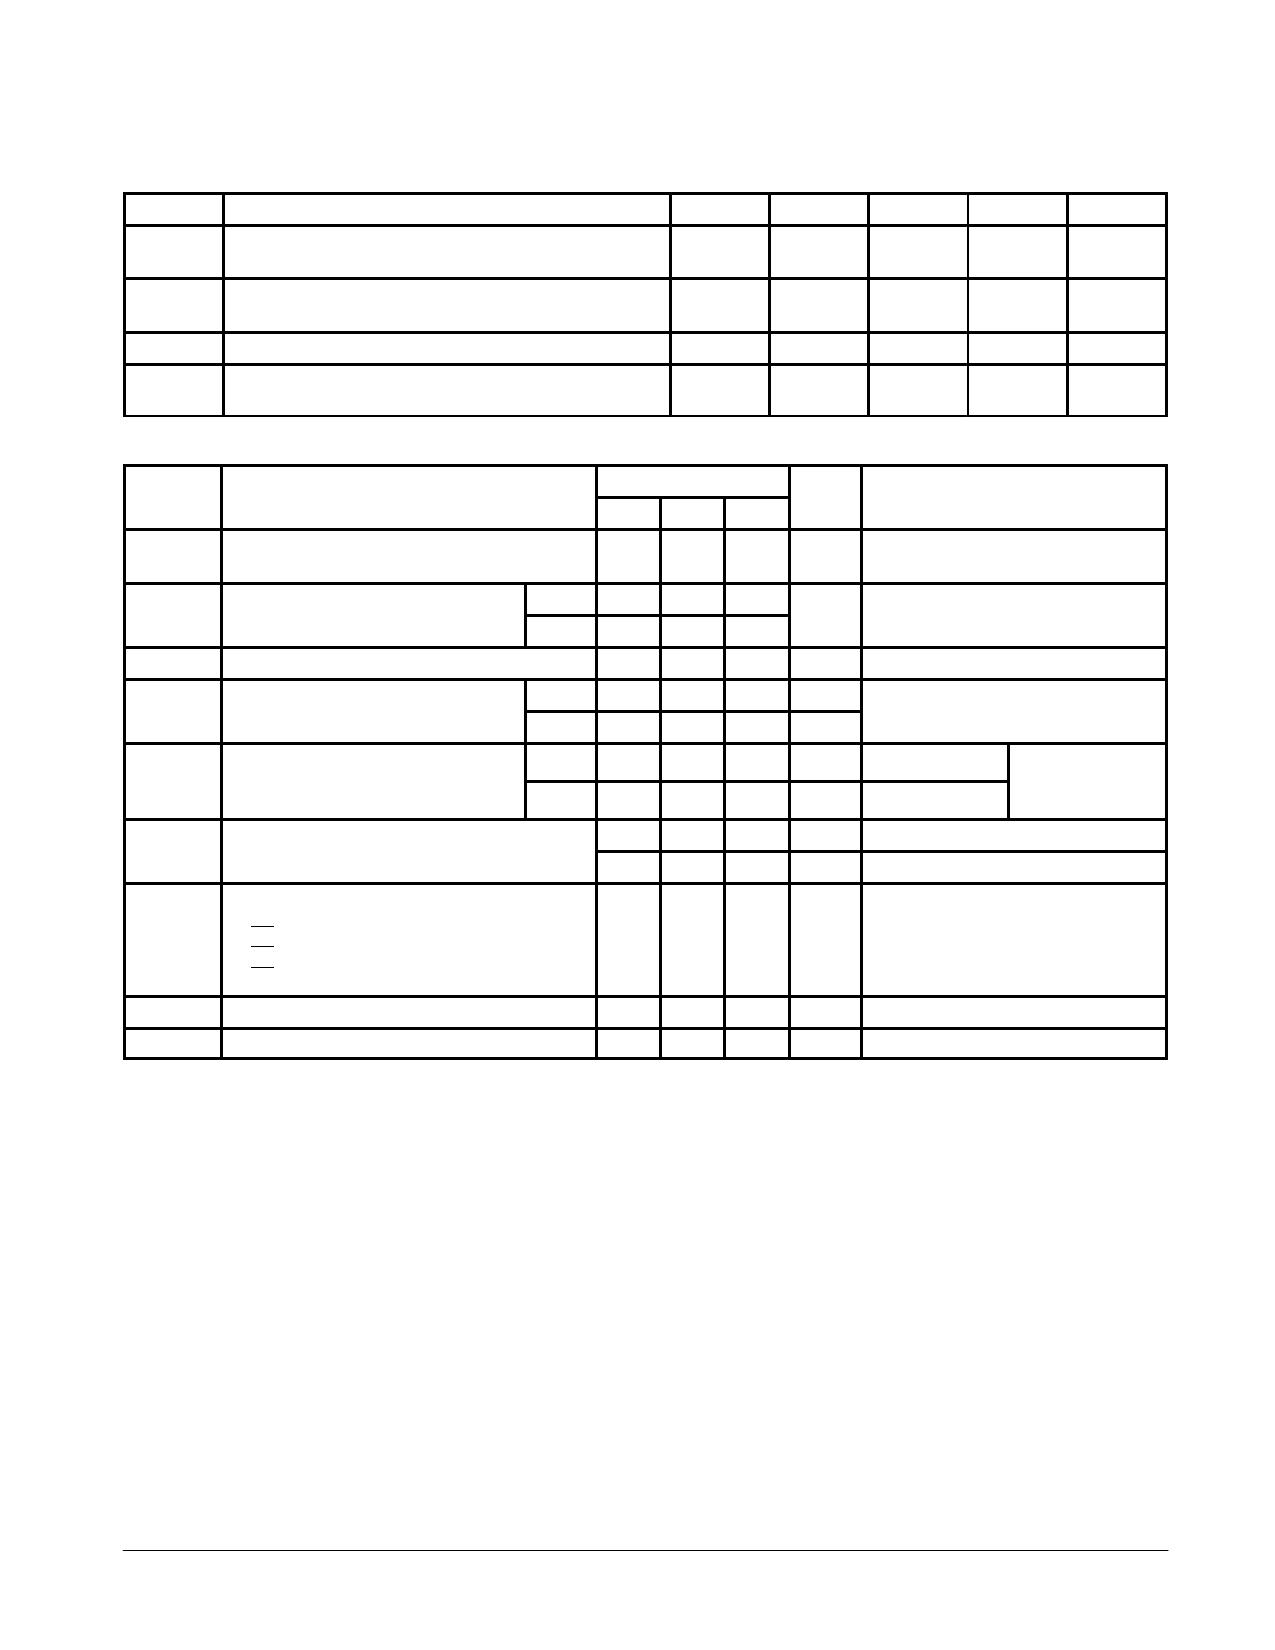 SN54LS92 pdf